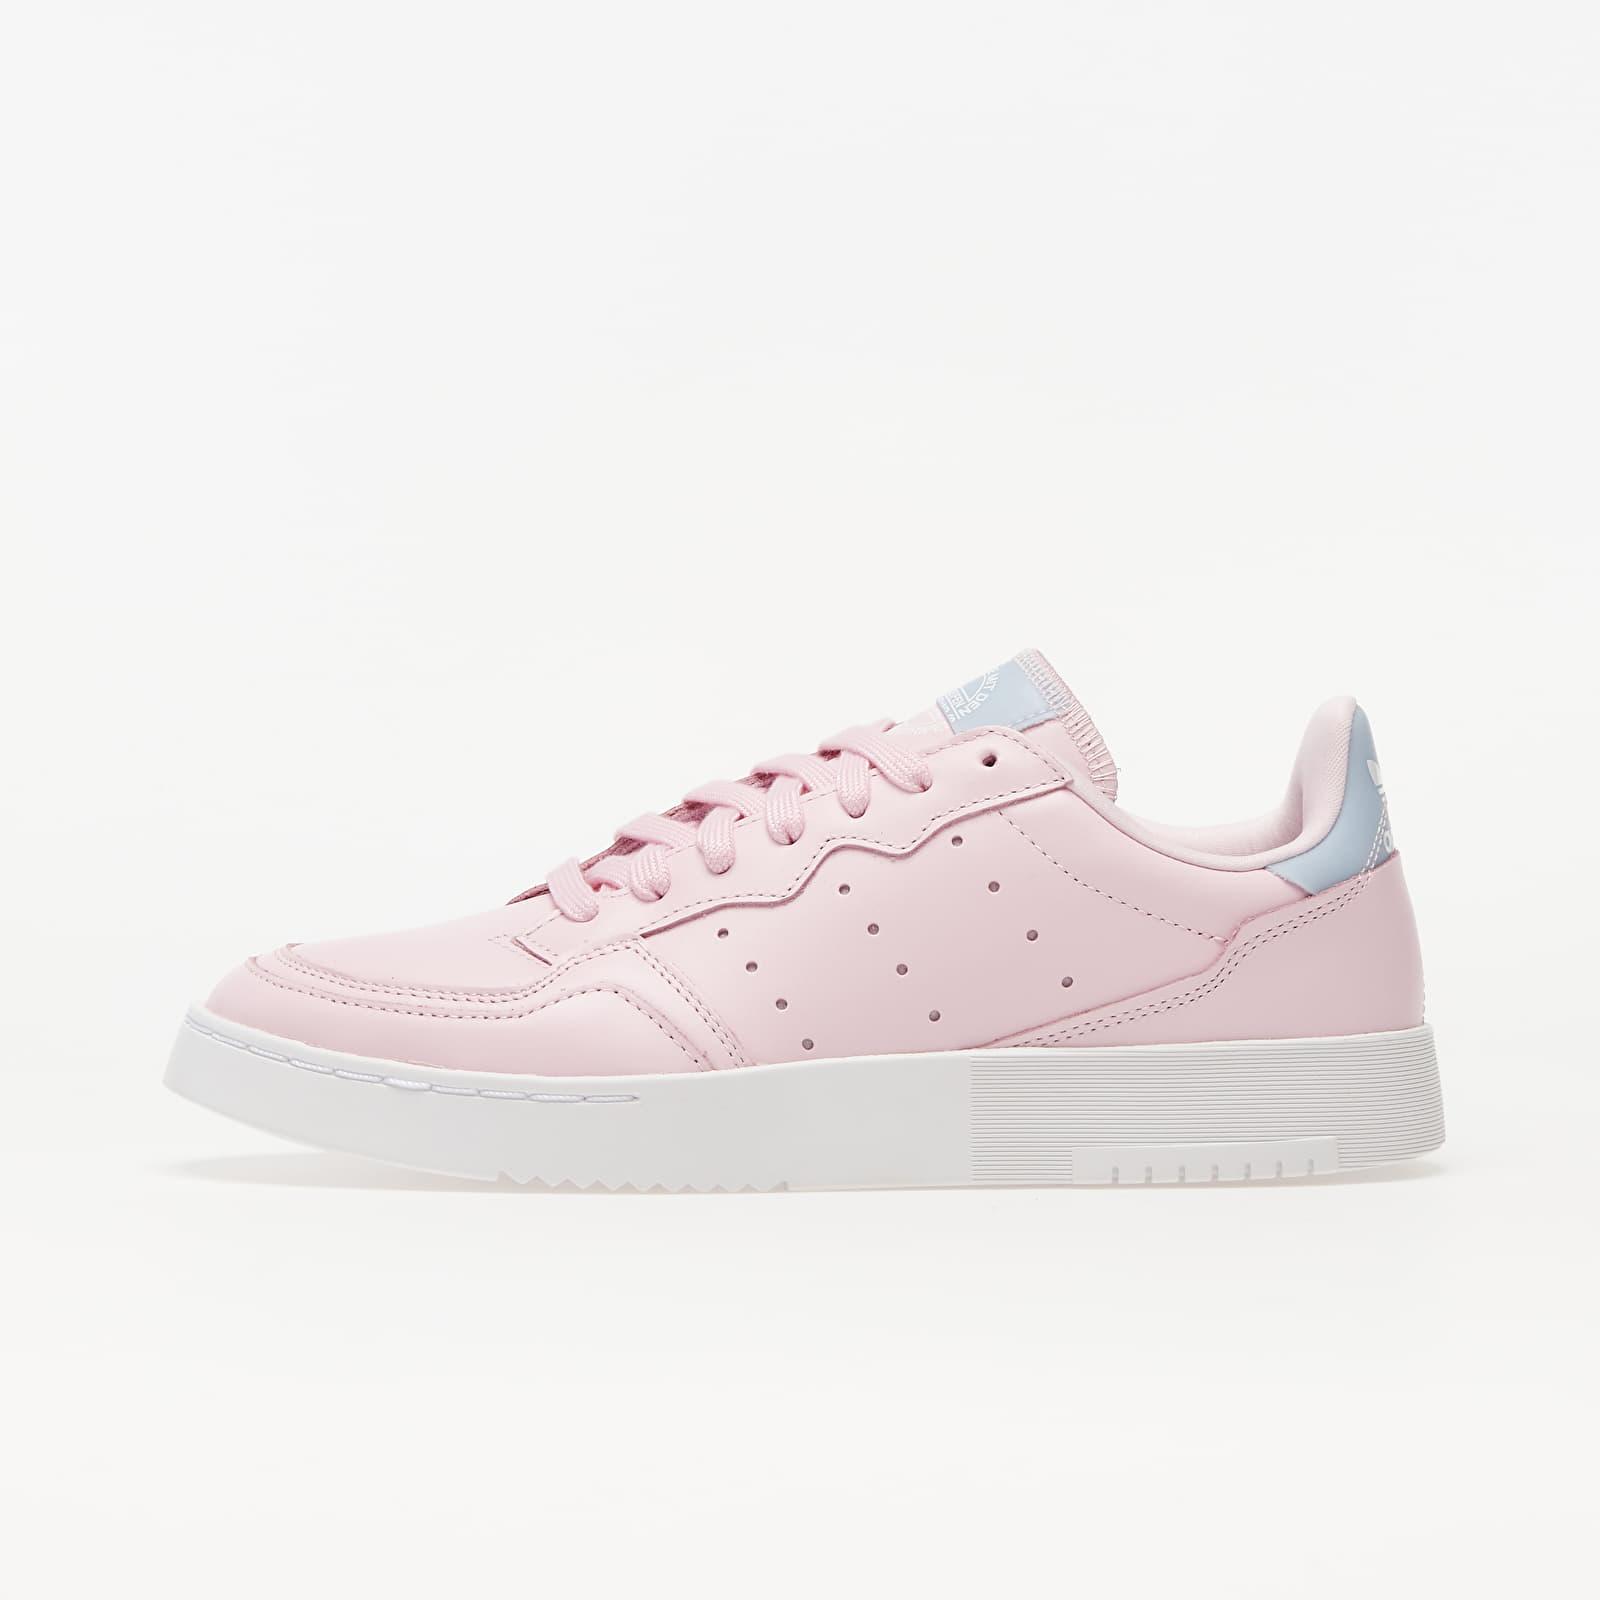 adidas Supercourt W Clear Pink/ Aero Blue/ Ftw White EUR 40 2/3